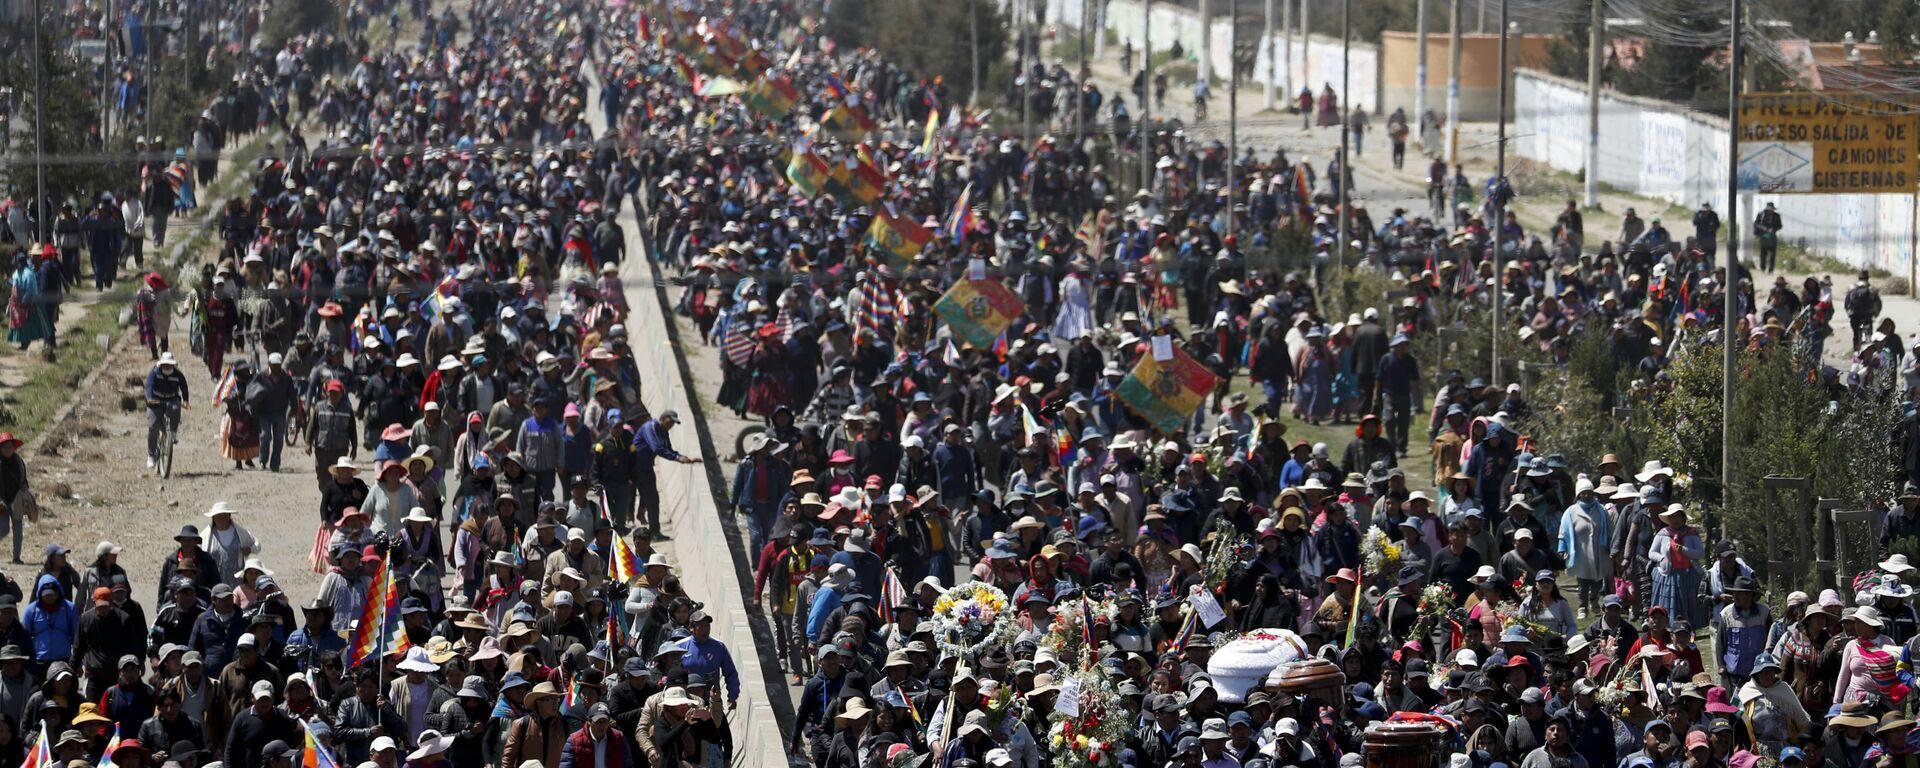 Πλήθος κόσμου στη Βολιβία.  - Sputnik Ελλάδα, 1920, 20.08.2021